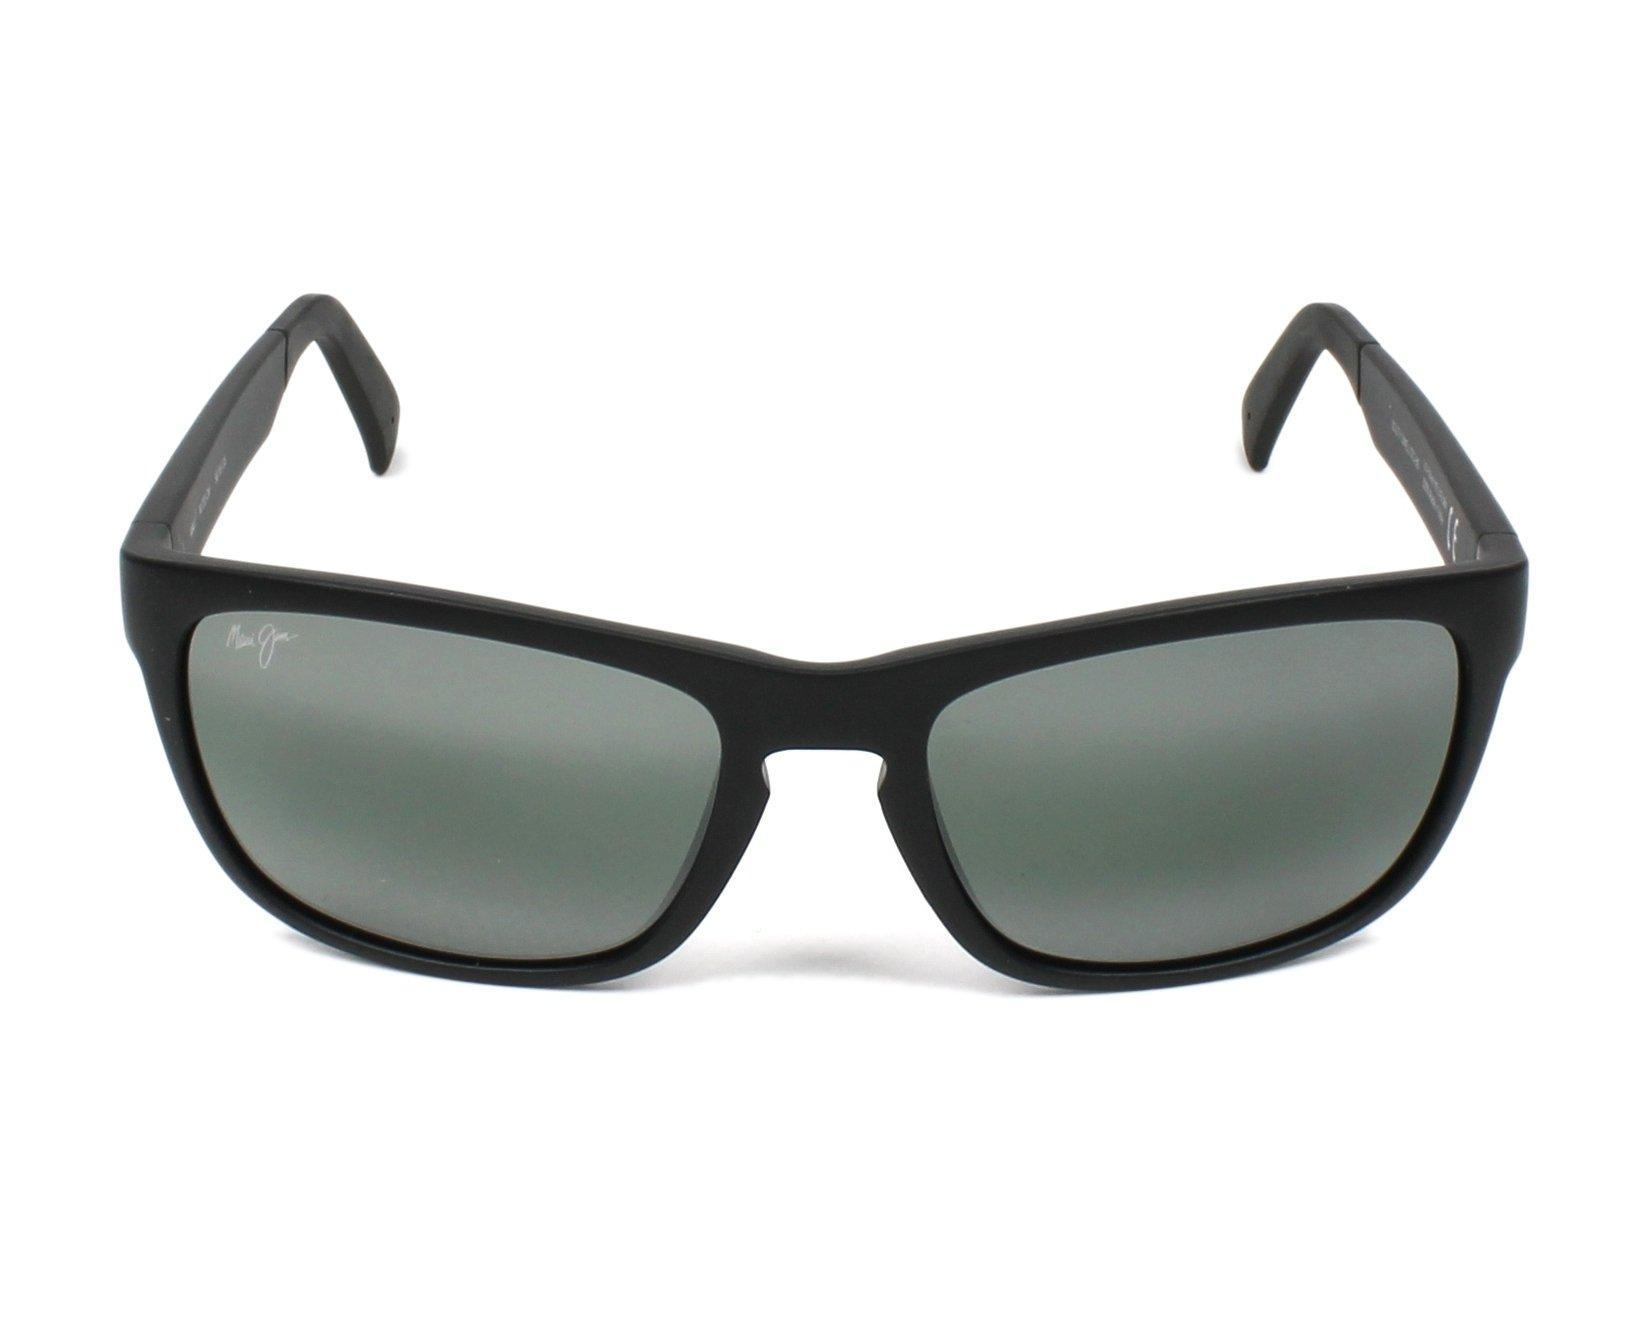 Lunettes de soleil maui jim 755 2m noir avec des verres gris for Miroir 2m